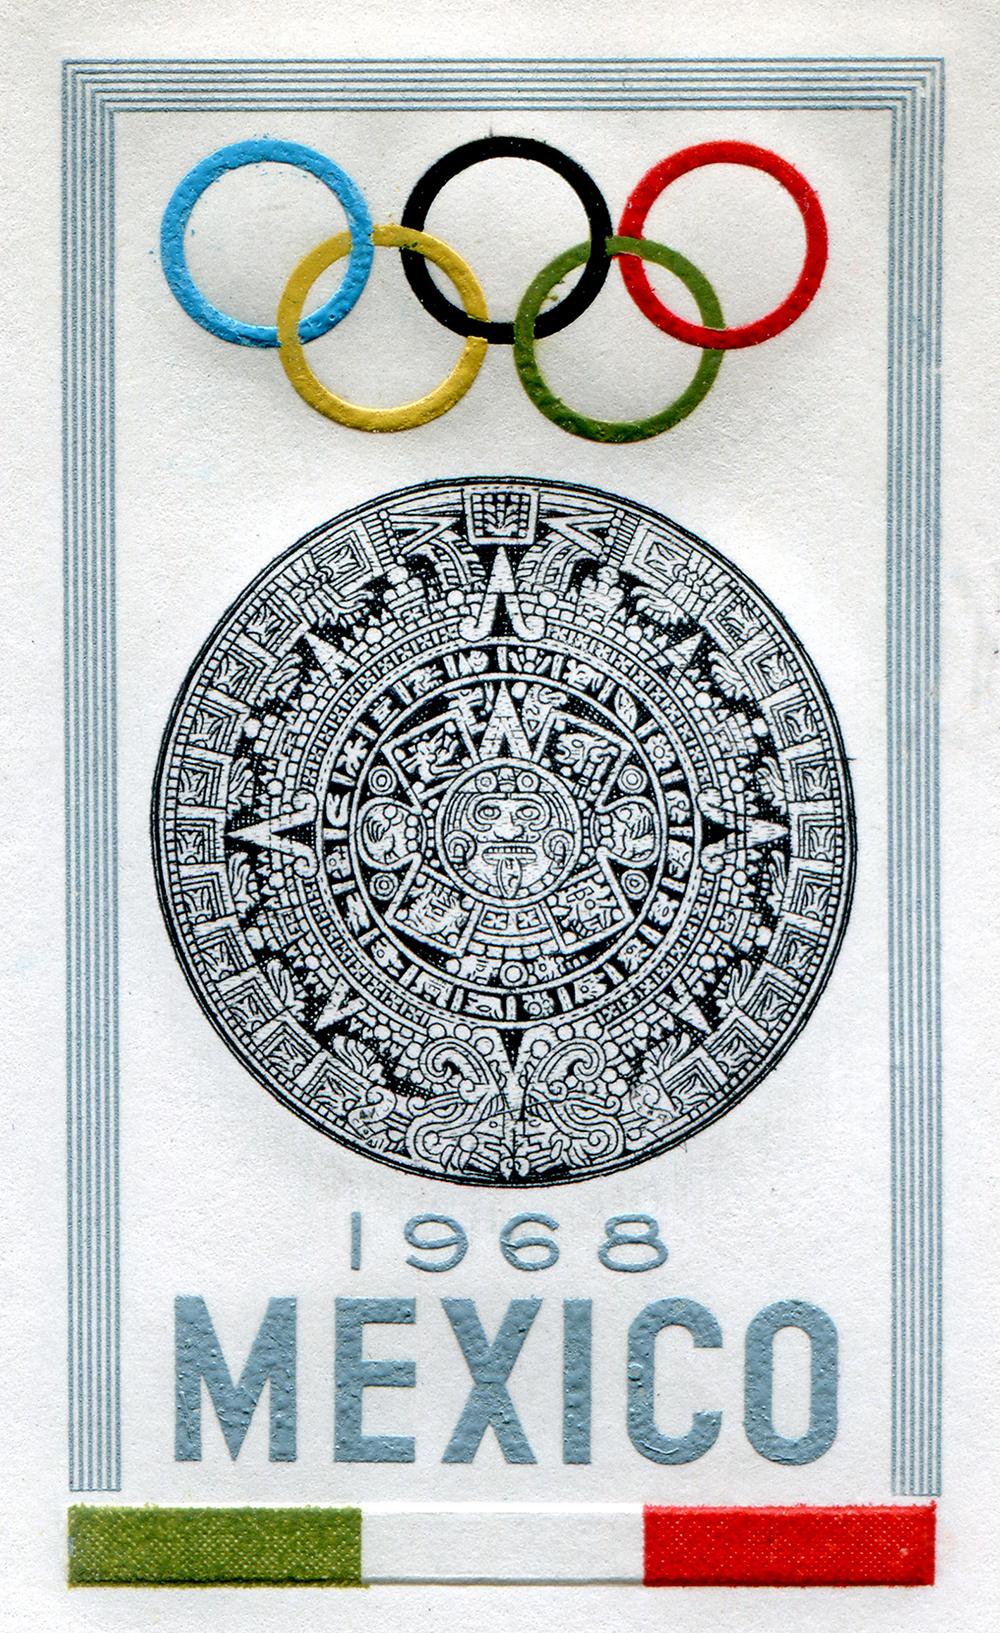 Emblema oficial registrado ante el Comité Olímpico Internacional en 1964.